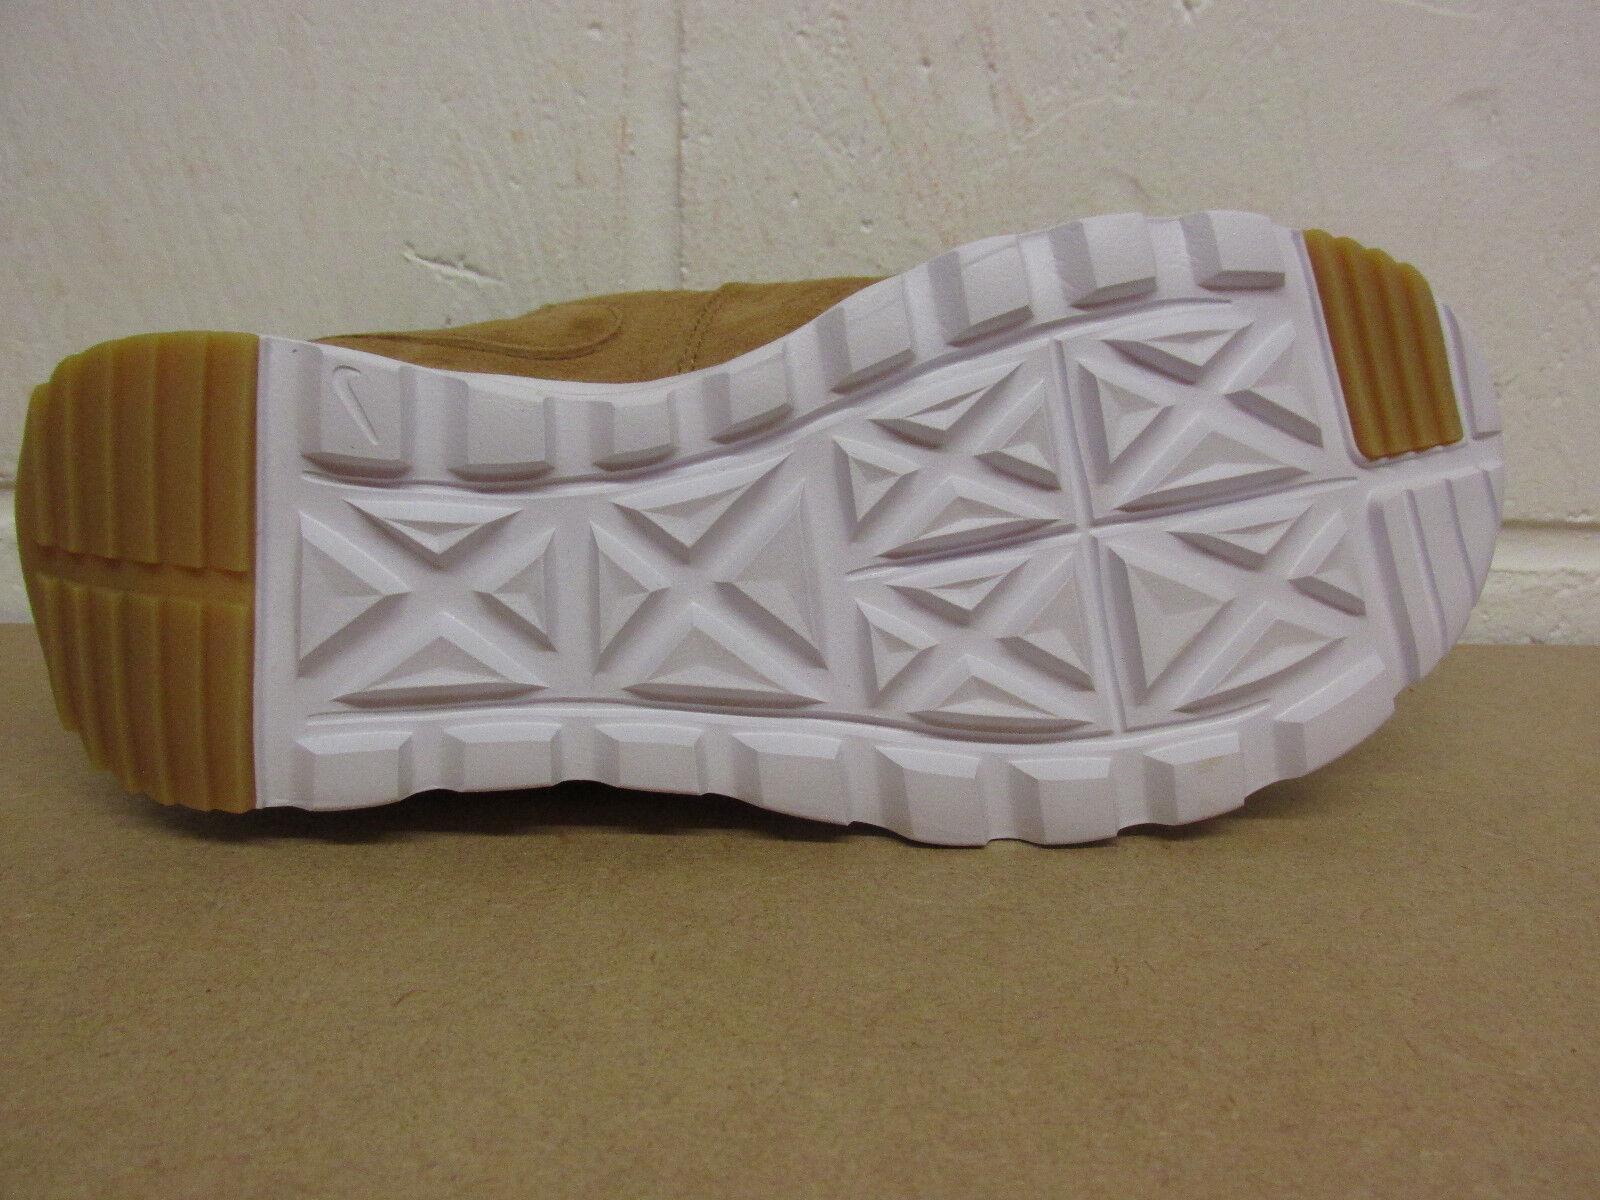 buy popular 00909 af4d5 ... Nike trainerendor Prem Hombre Trainers 812975 204 Sneakers Sneakers  Sneakers Shoes modelo mas vendido de la. Nueva marca de Nike Air ...